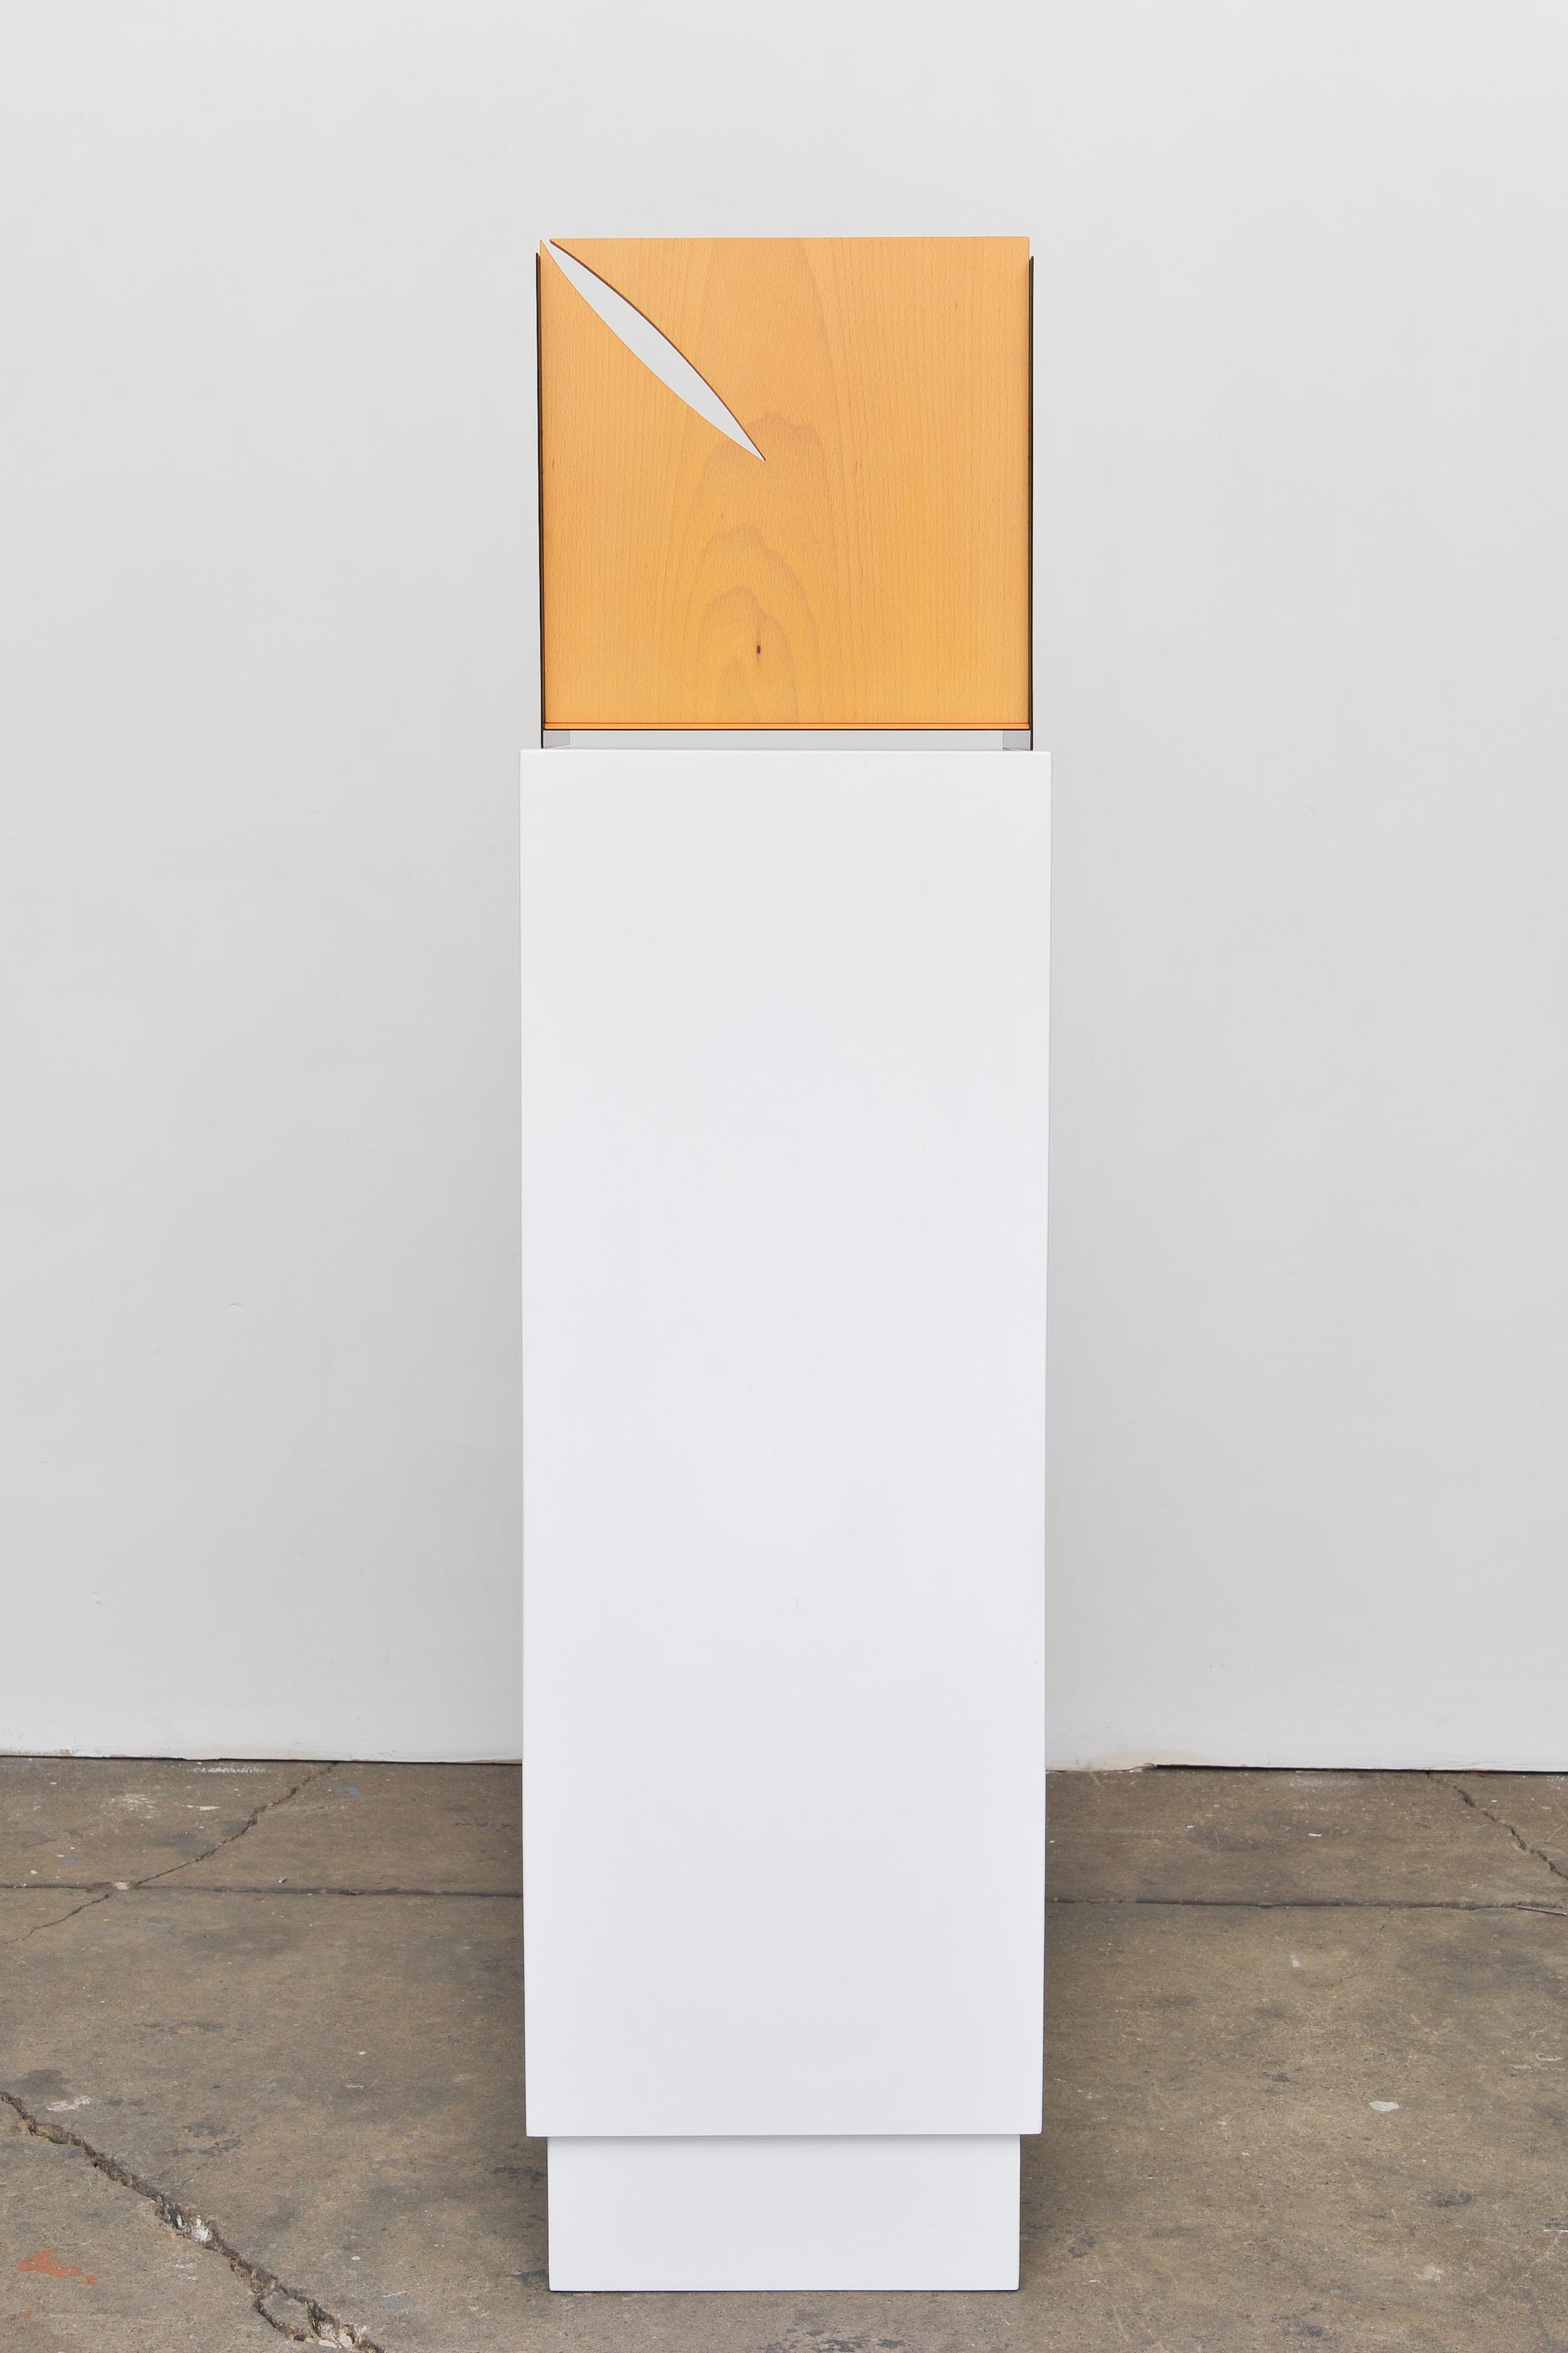 Standing Plaque (Four sides) 2014 Euro-beech hardwood, steel, copper rivets, enamel, wax 29.2 x 28.4 x 27.9 cm / 11.5 x 11.2 x 11 in Plinth: 91.4 x 30.4 x 30.4 cm / 36 x 12 x 12 in